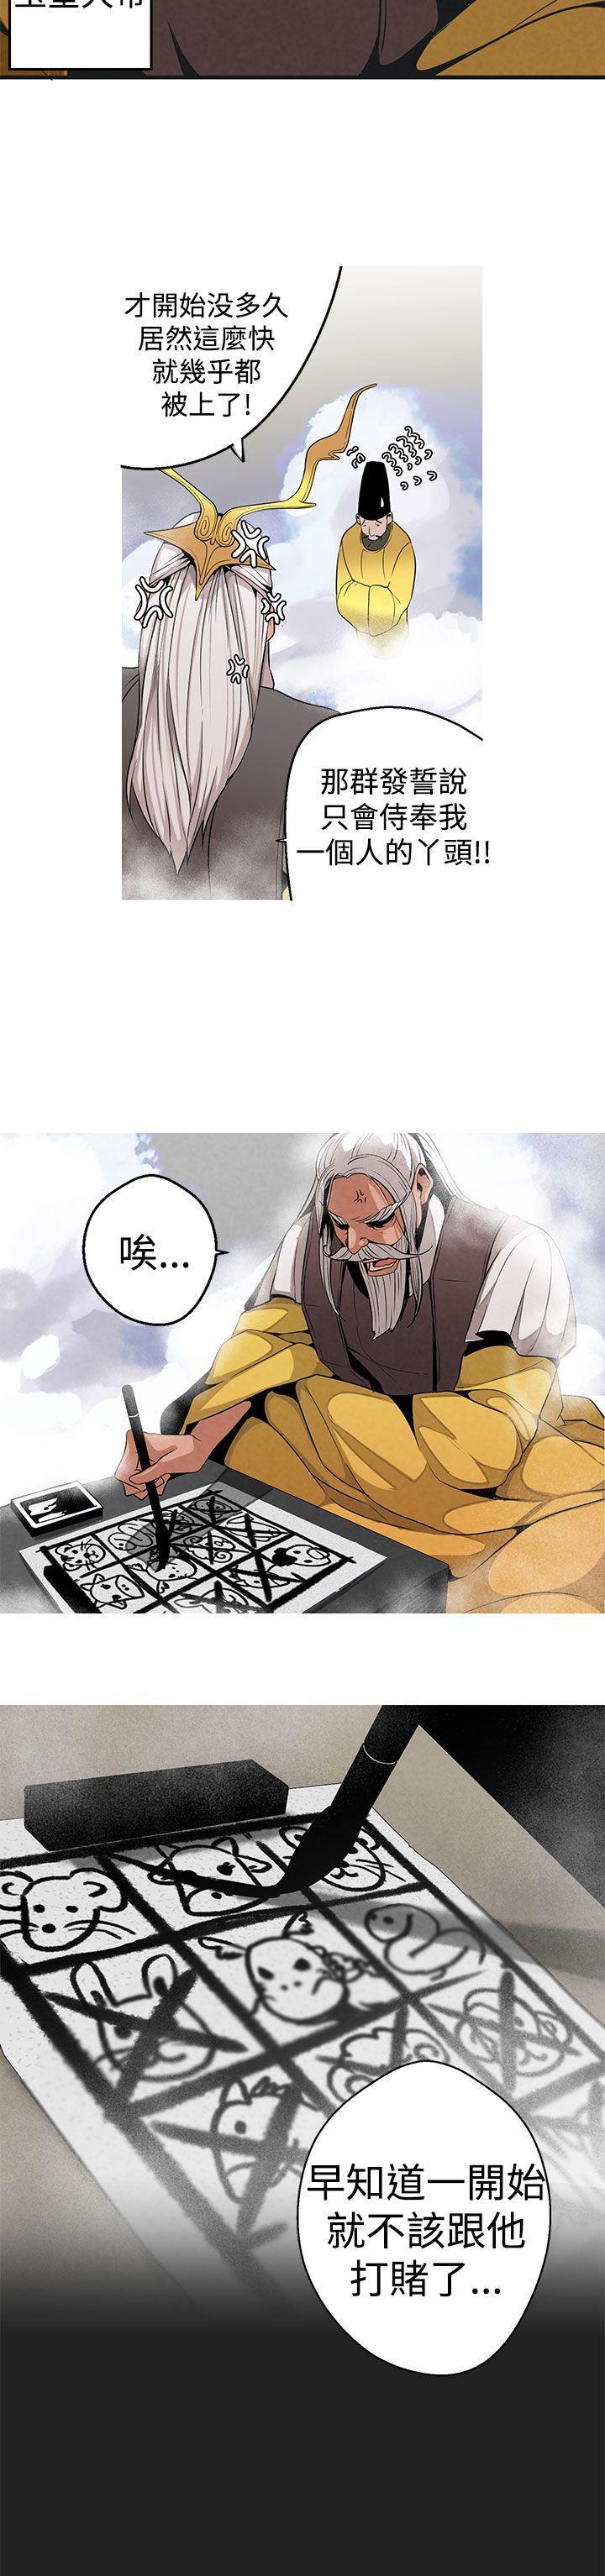 女神狩猎 第1~3話 [Chinese]中文 Harc 68